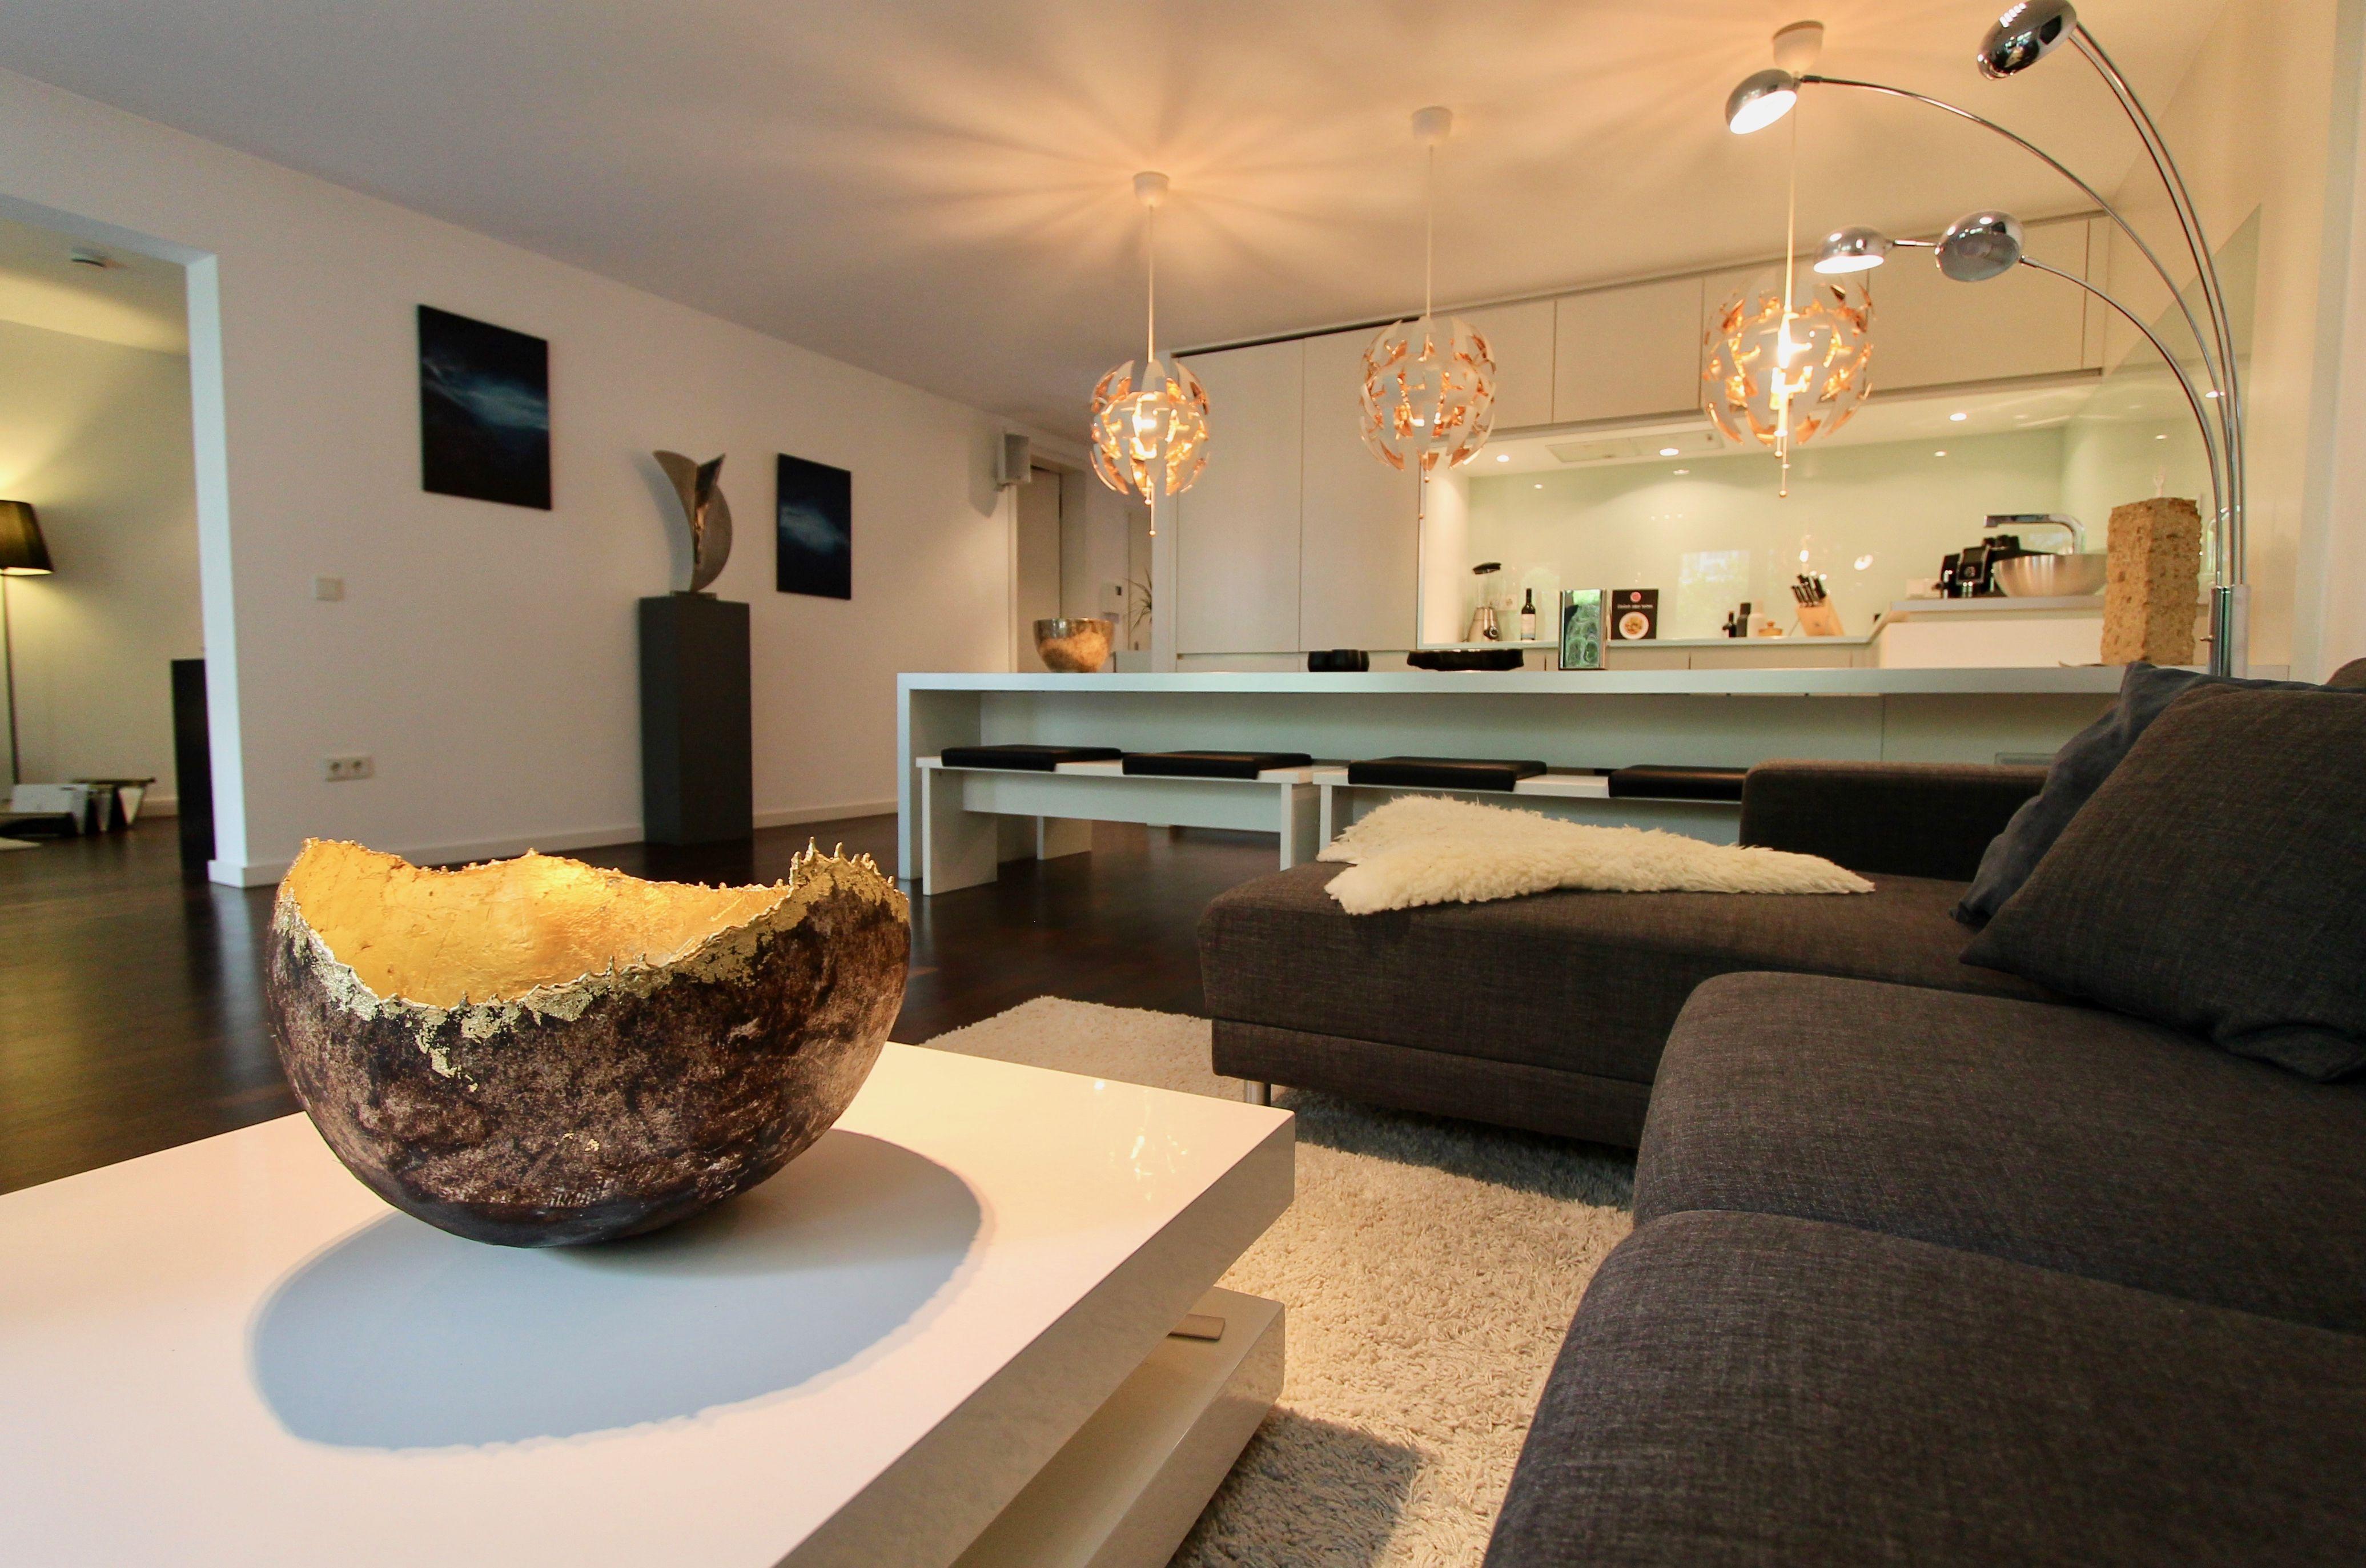 Luxus Designerwohnung Mit Top Ausstattung Und Zwei Terrassen Diese Luxuriose 3 Zimmer Wohnung Befindet Sich In Einem Modernen Funfgescho Home Home Decor Decor